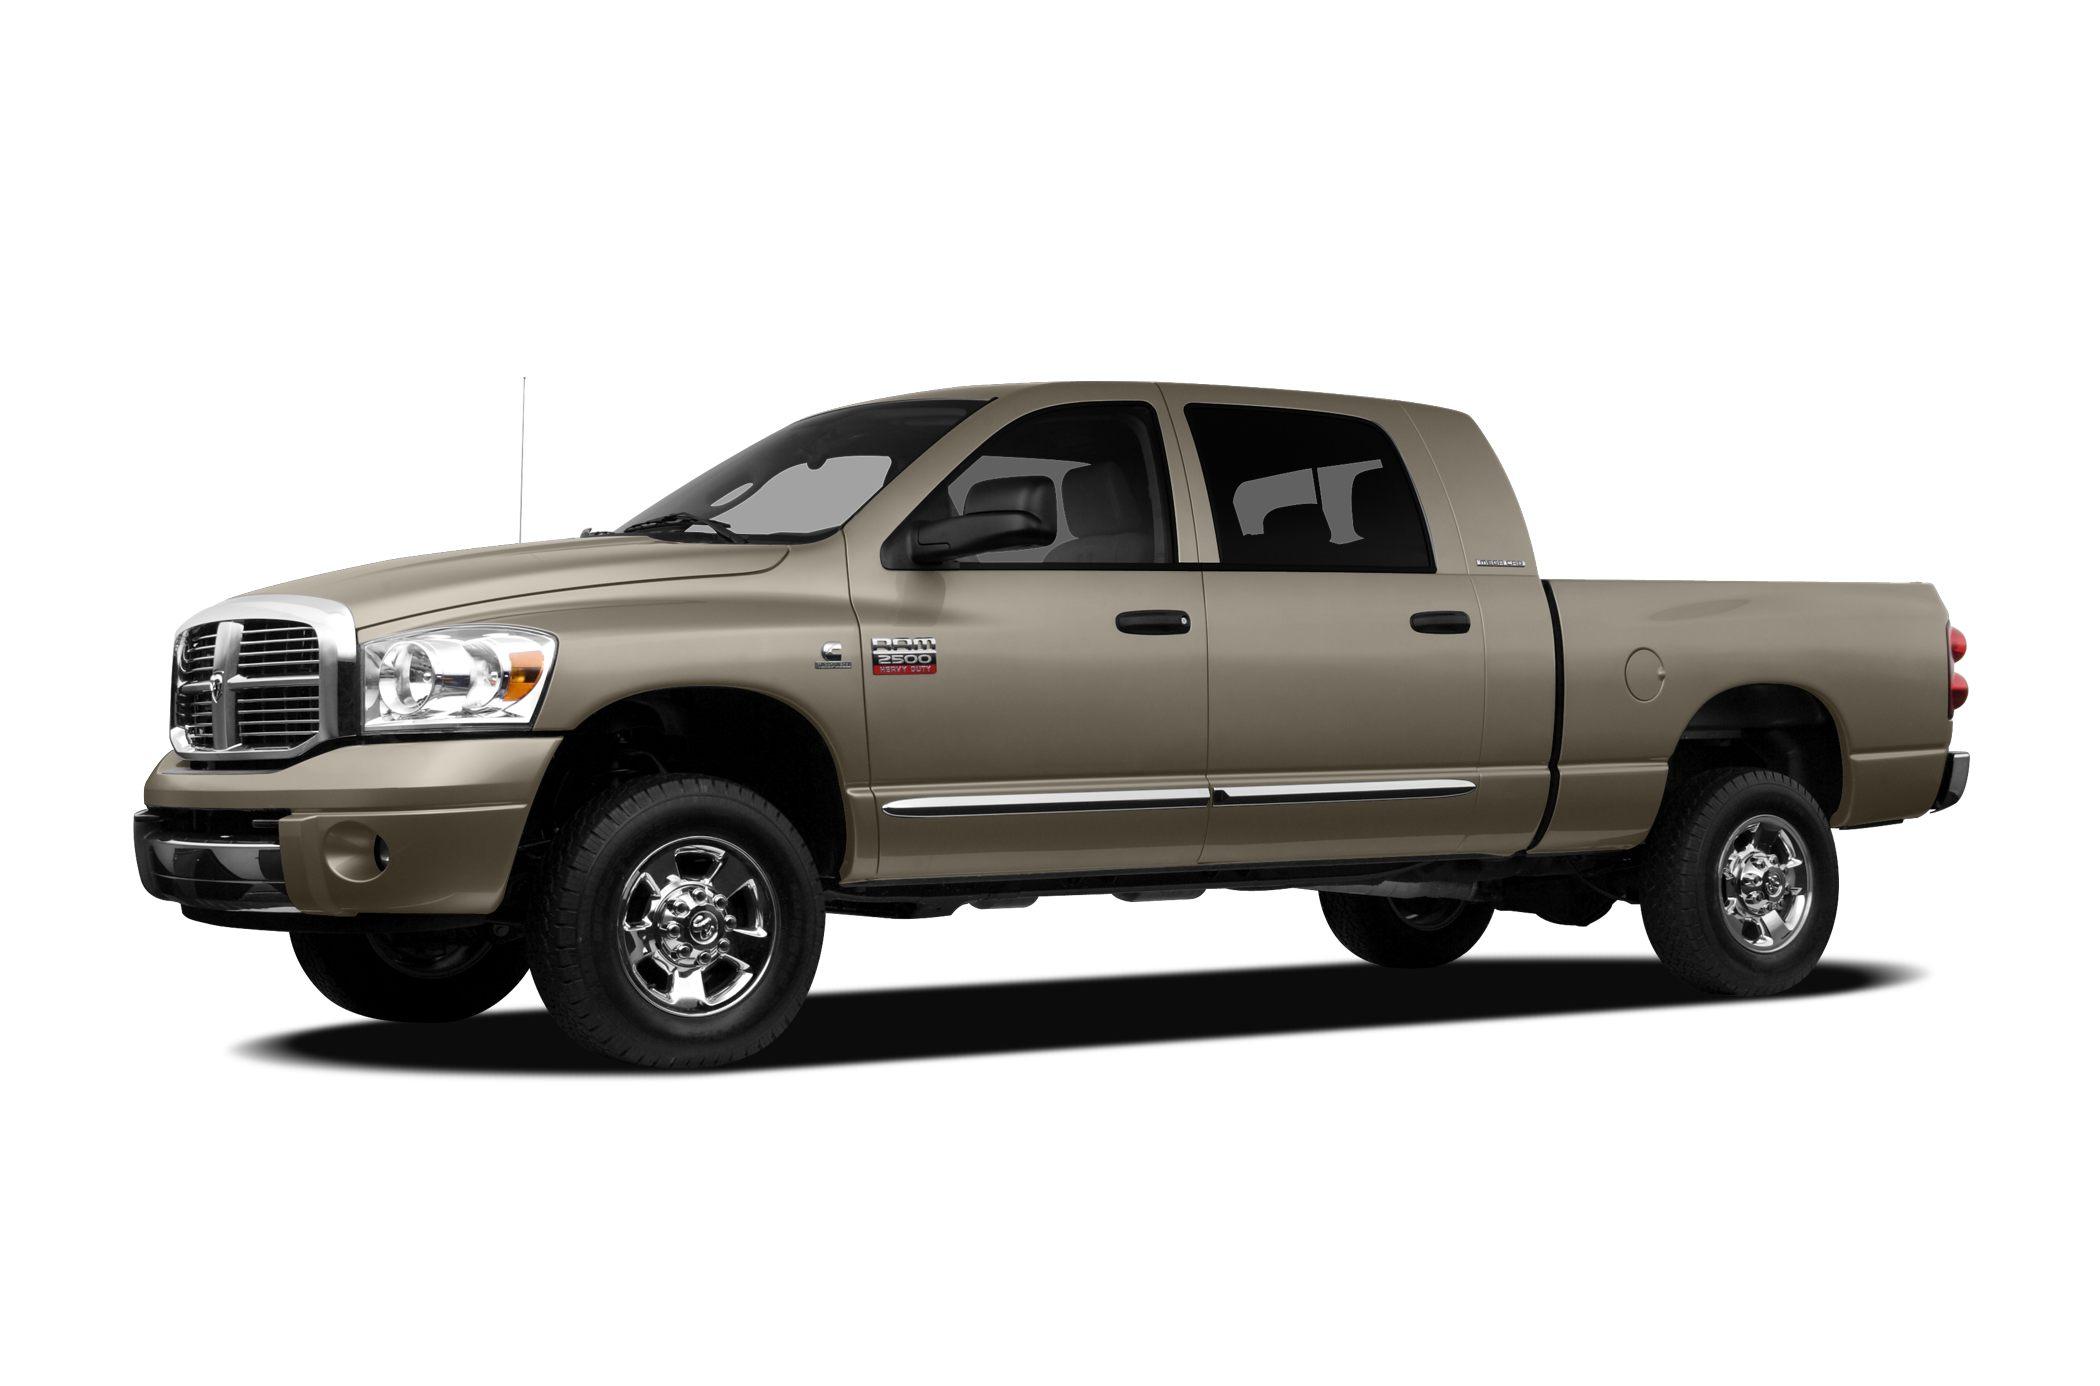 2009 Dodge Ram 2500 Laramie 4x2 Mega Cab 160 5 In Wb Equipment